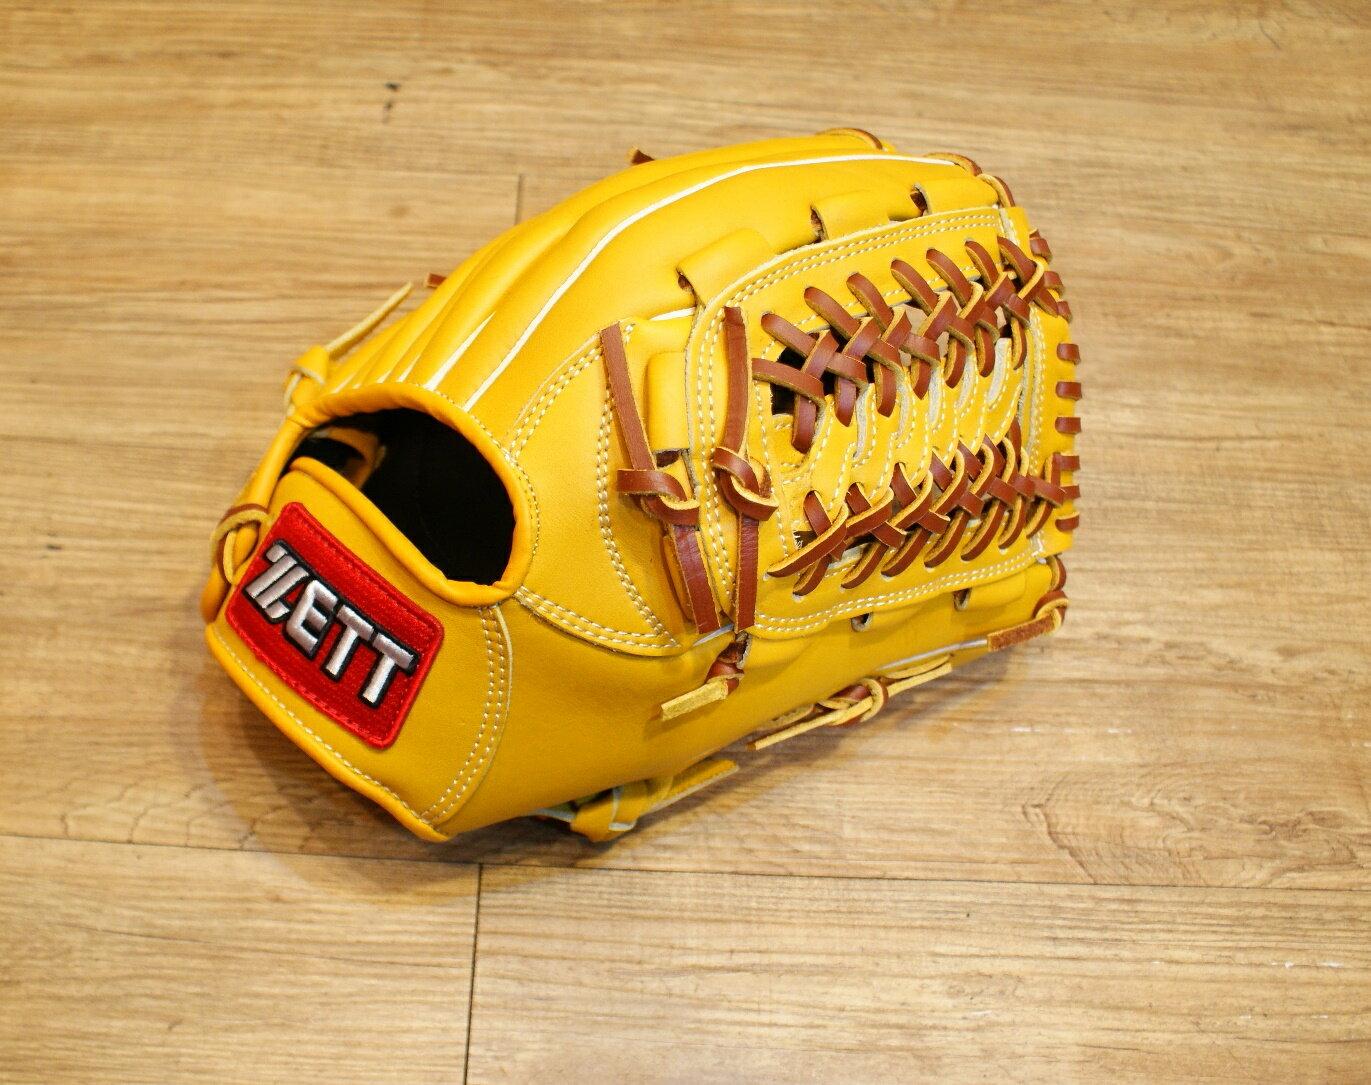 棒球世界 全新zett原皮色棒壘球手套 特價 蛇紋檔 12.25吋